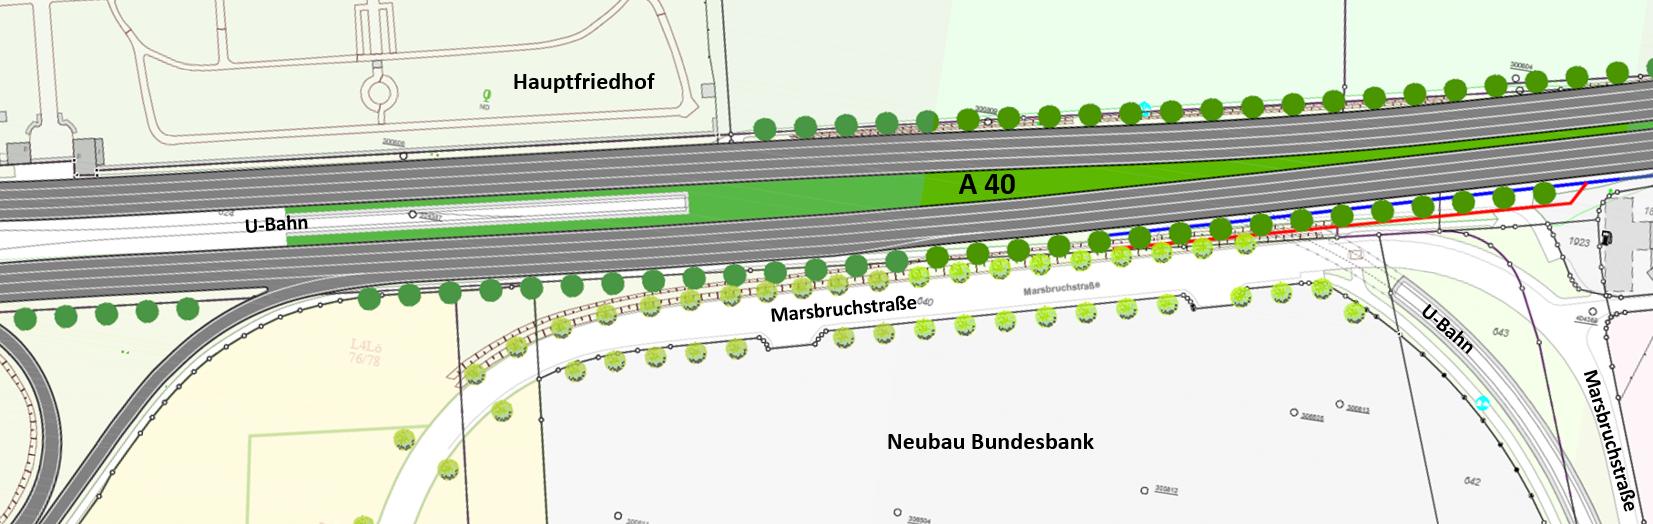 Bild 8: Einfach mögliche Ersatz-Allee, Vorschlag Stadt Dortmund 2018. Doch die Autobahnplaner wollen nicht, wozu sie sich verpflichtet hatten: B1-Alleebäume.